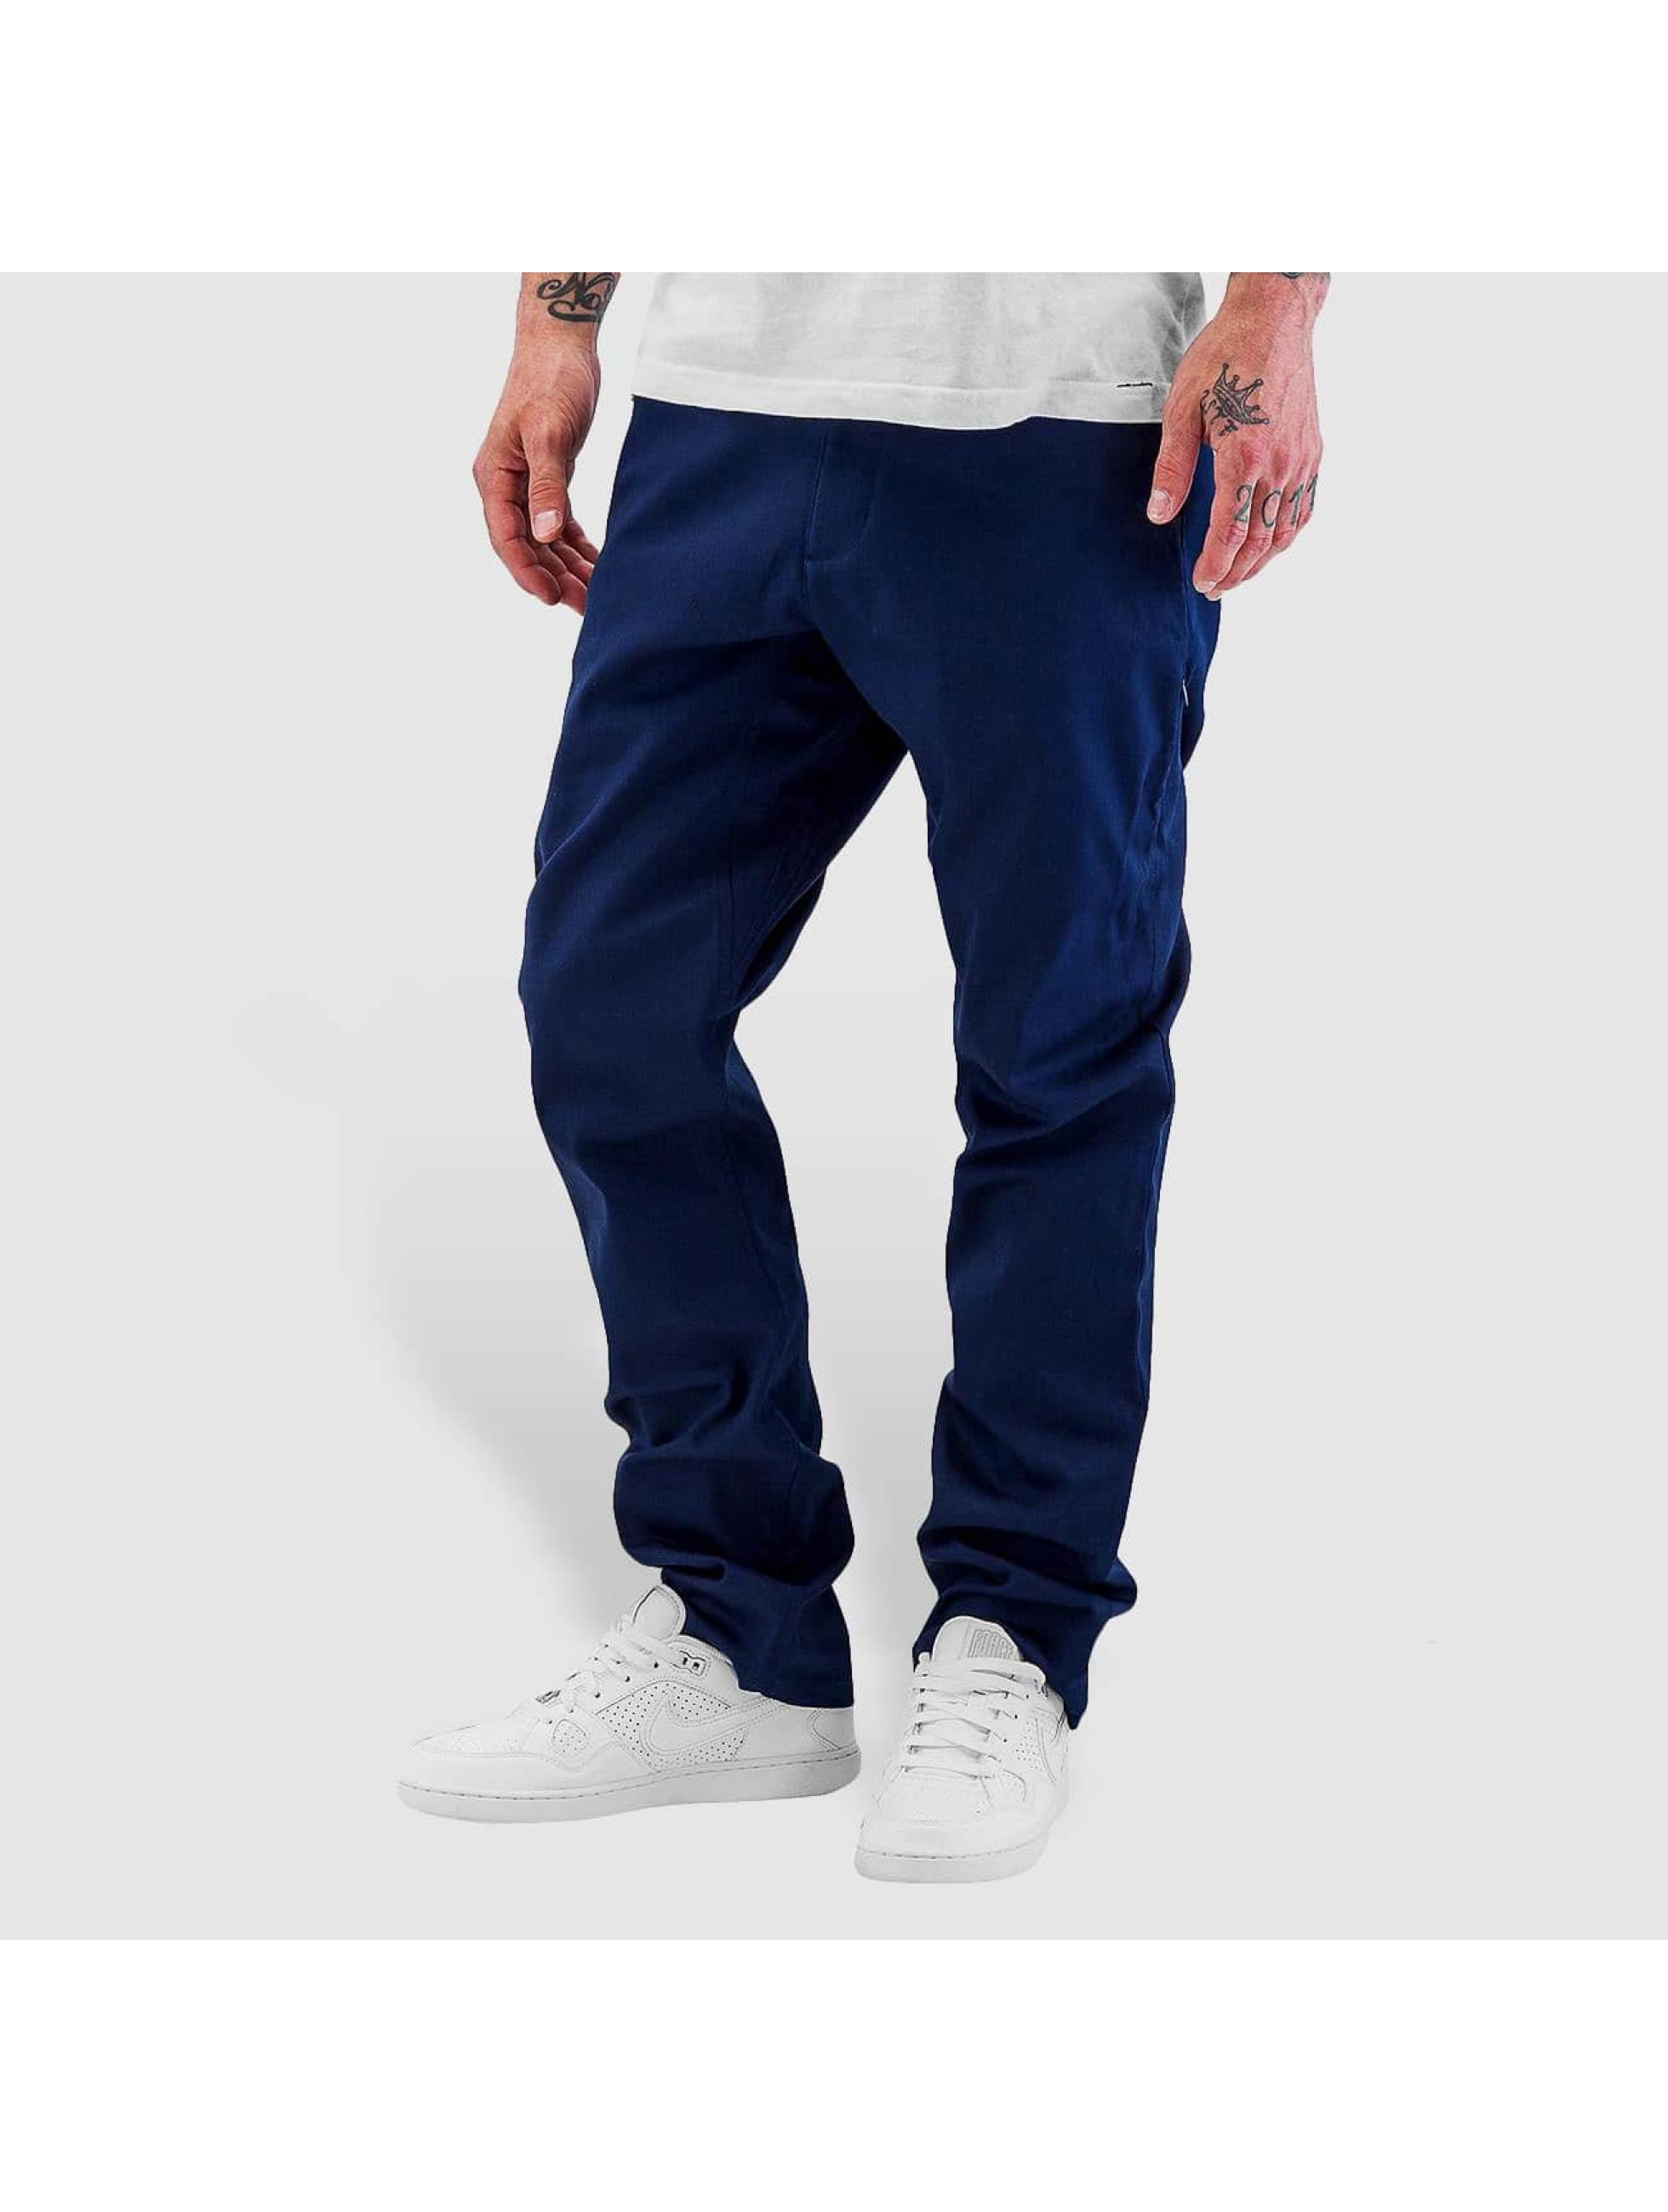 Nike SB Чинос FTM синий